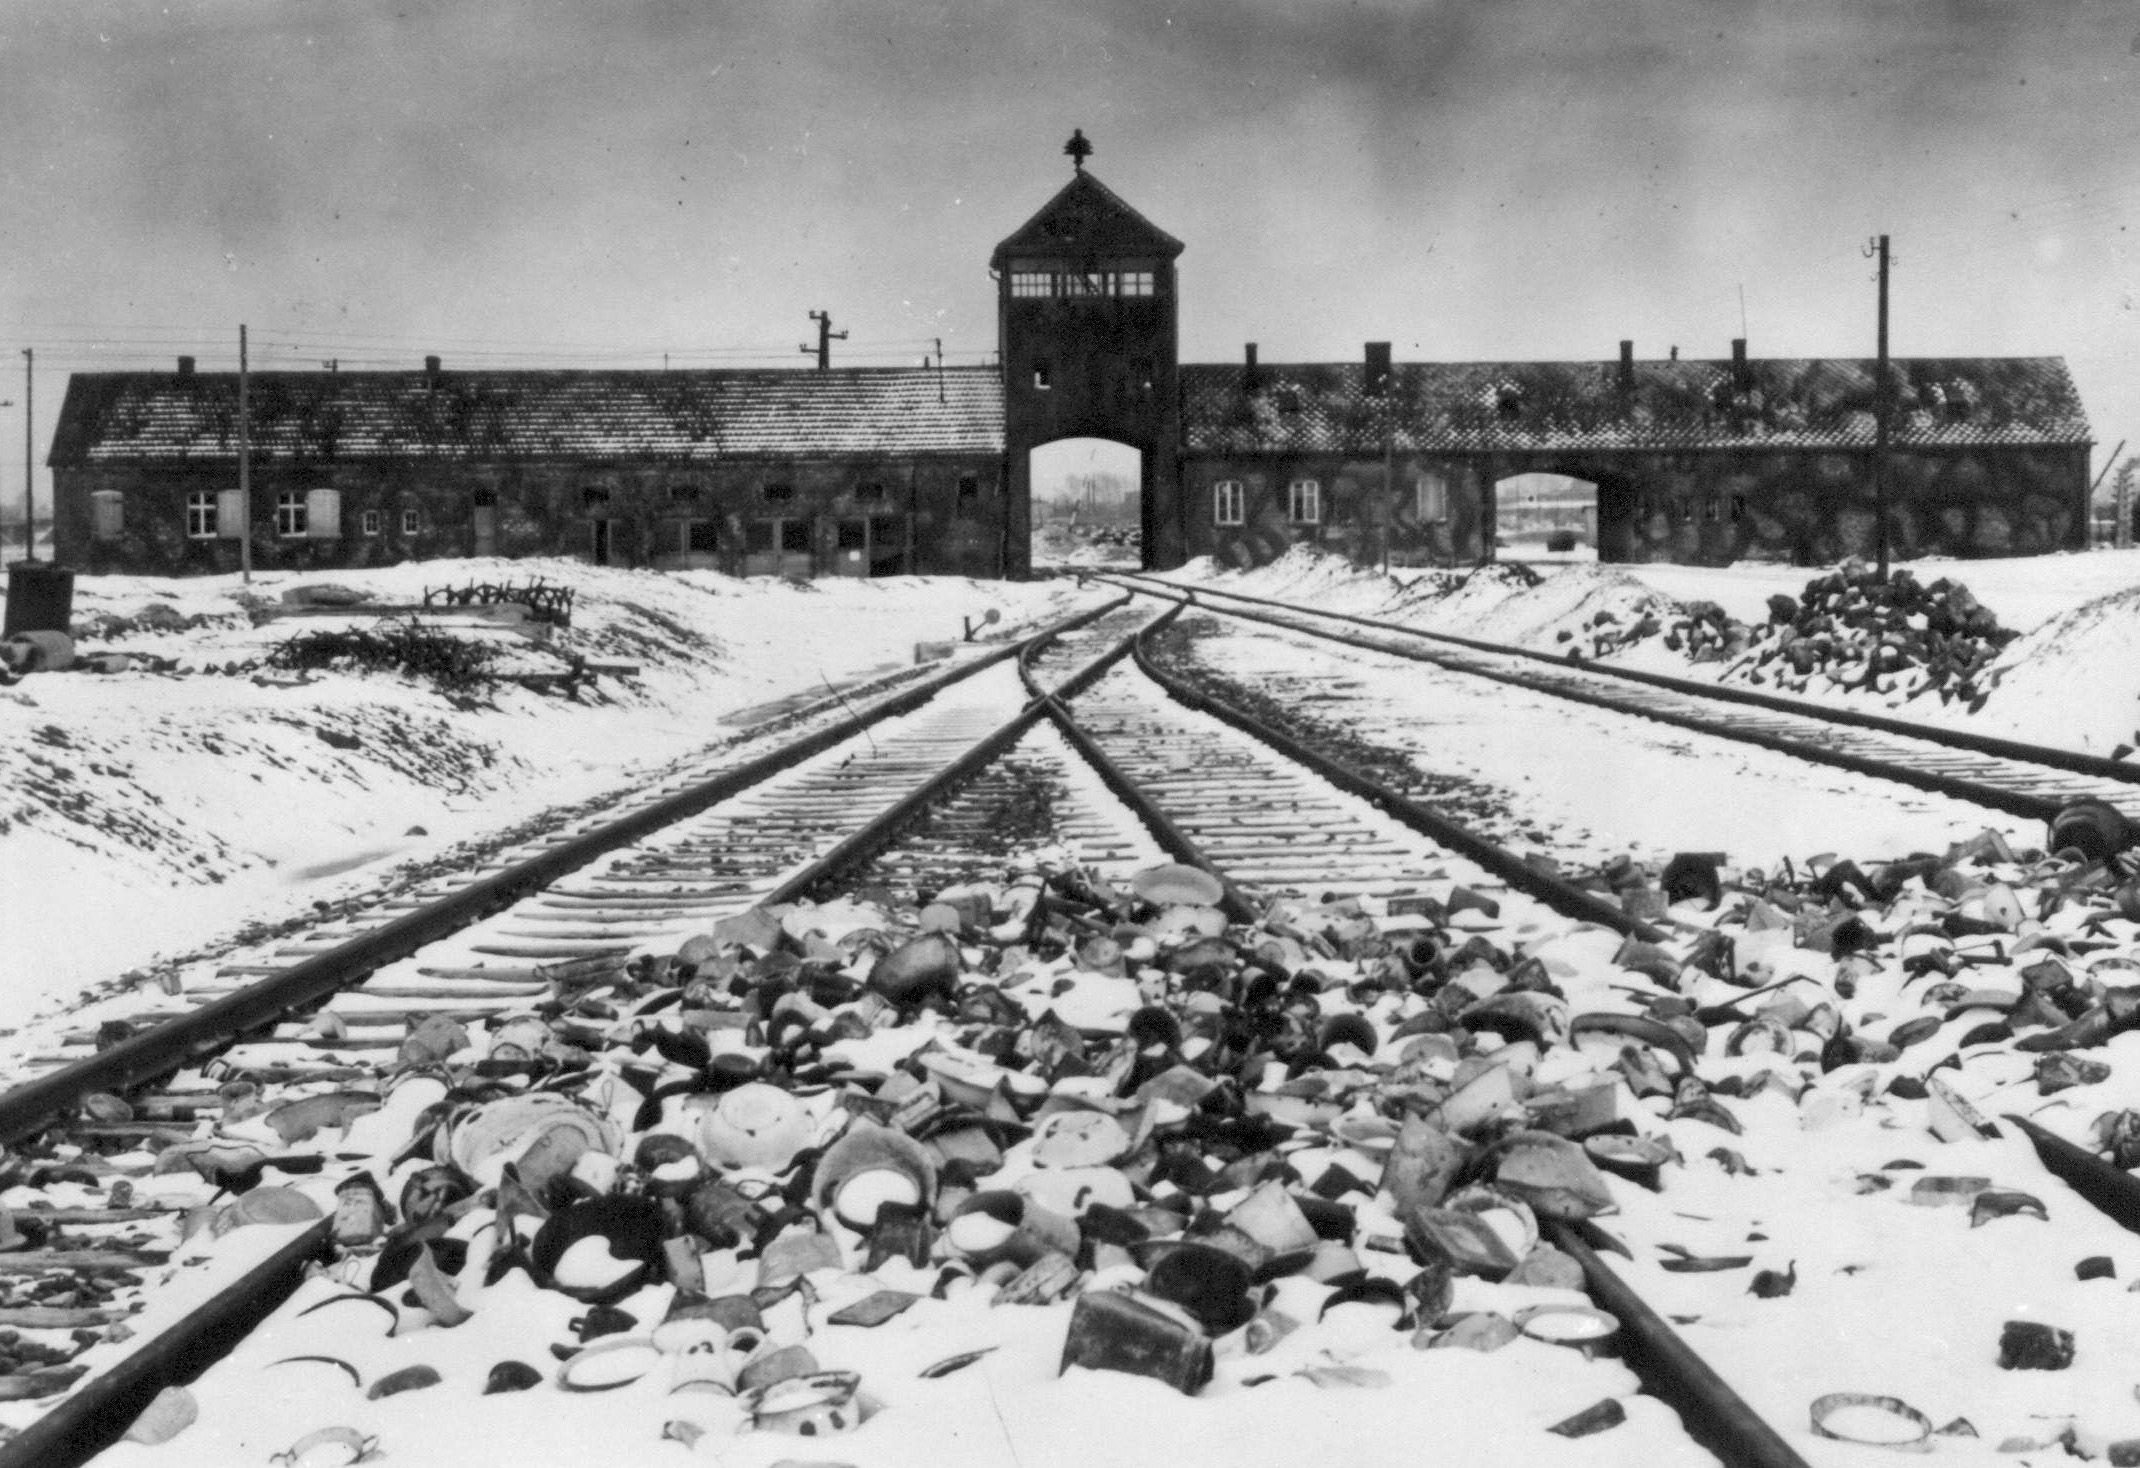 Les trois femmes et leur bébé ont survécu au camp d'Auschwitz